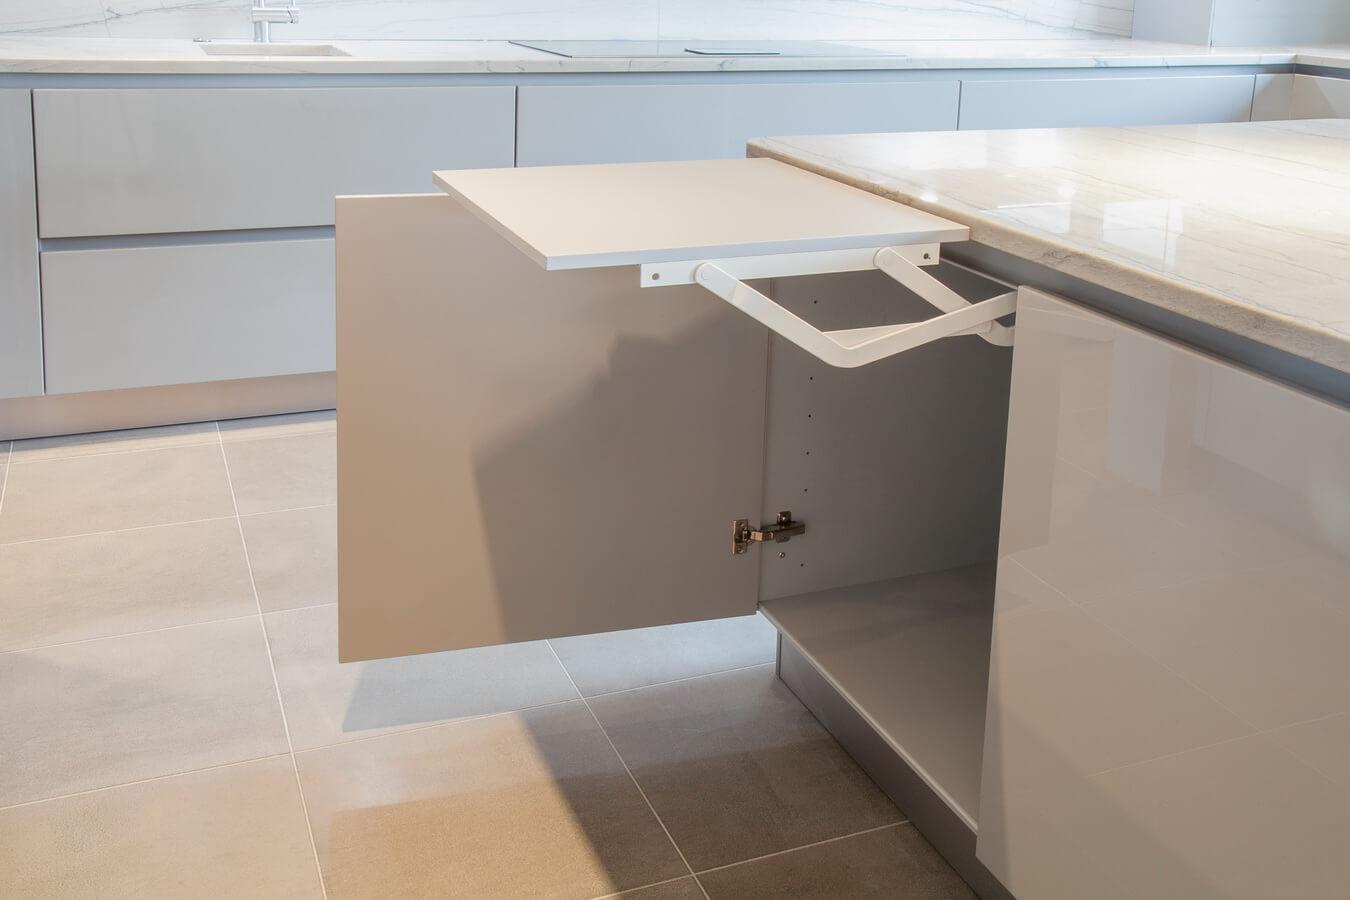 German Kitchen Lift Out Shelf.jpg